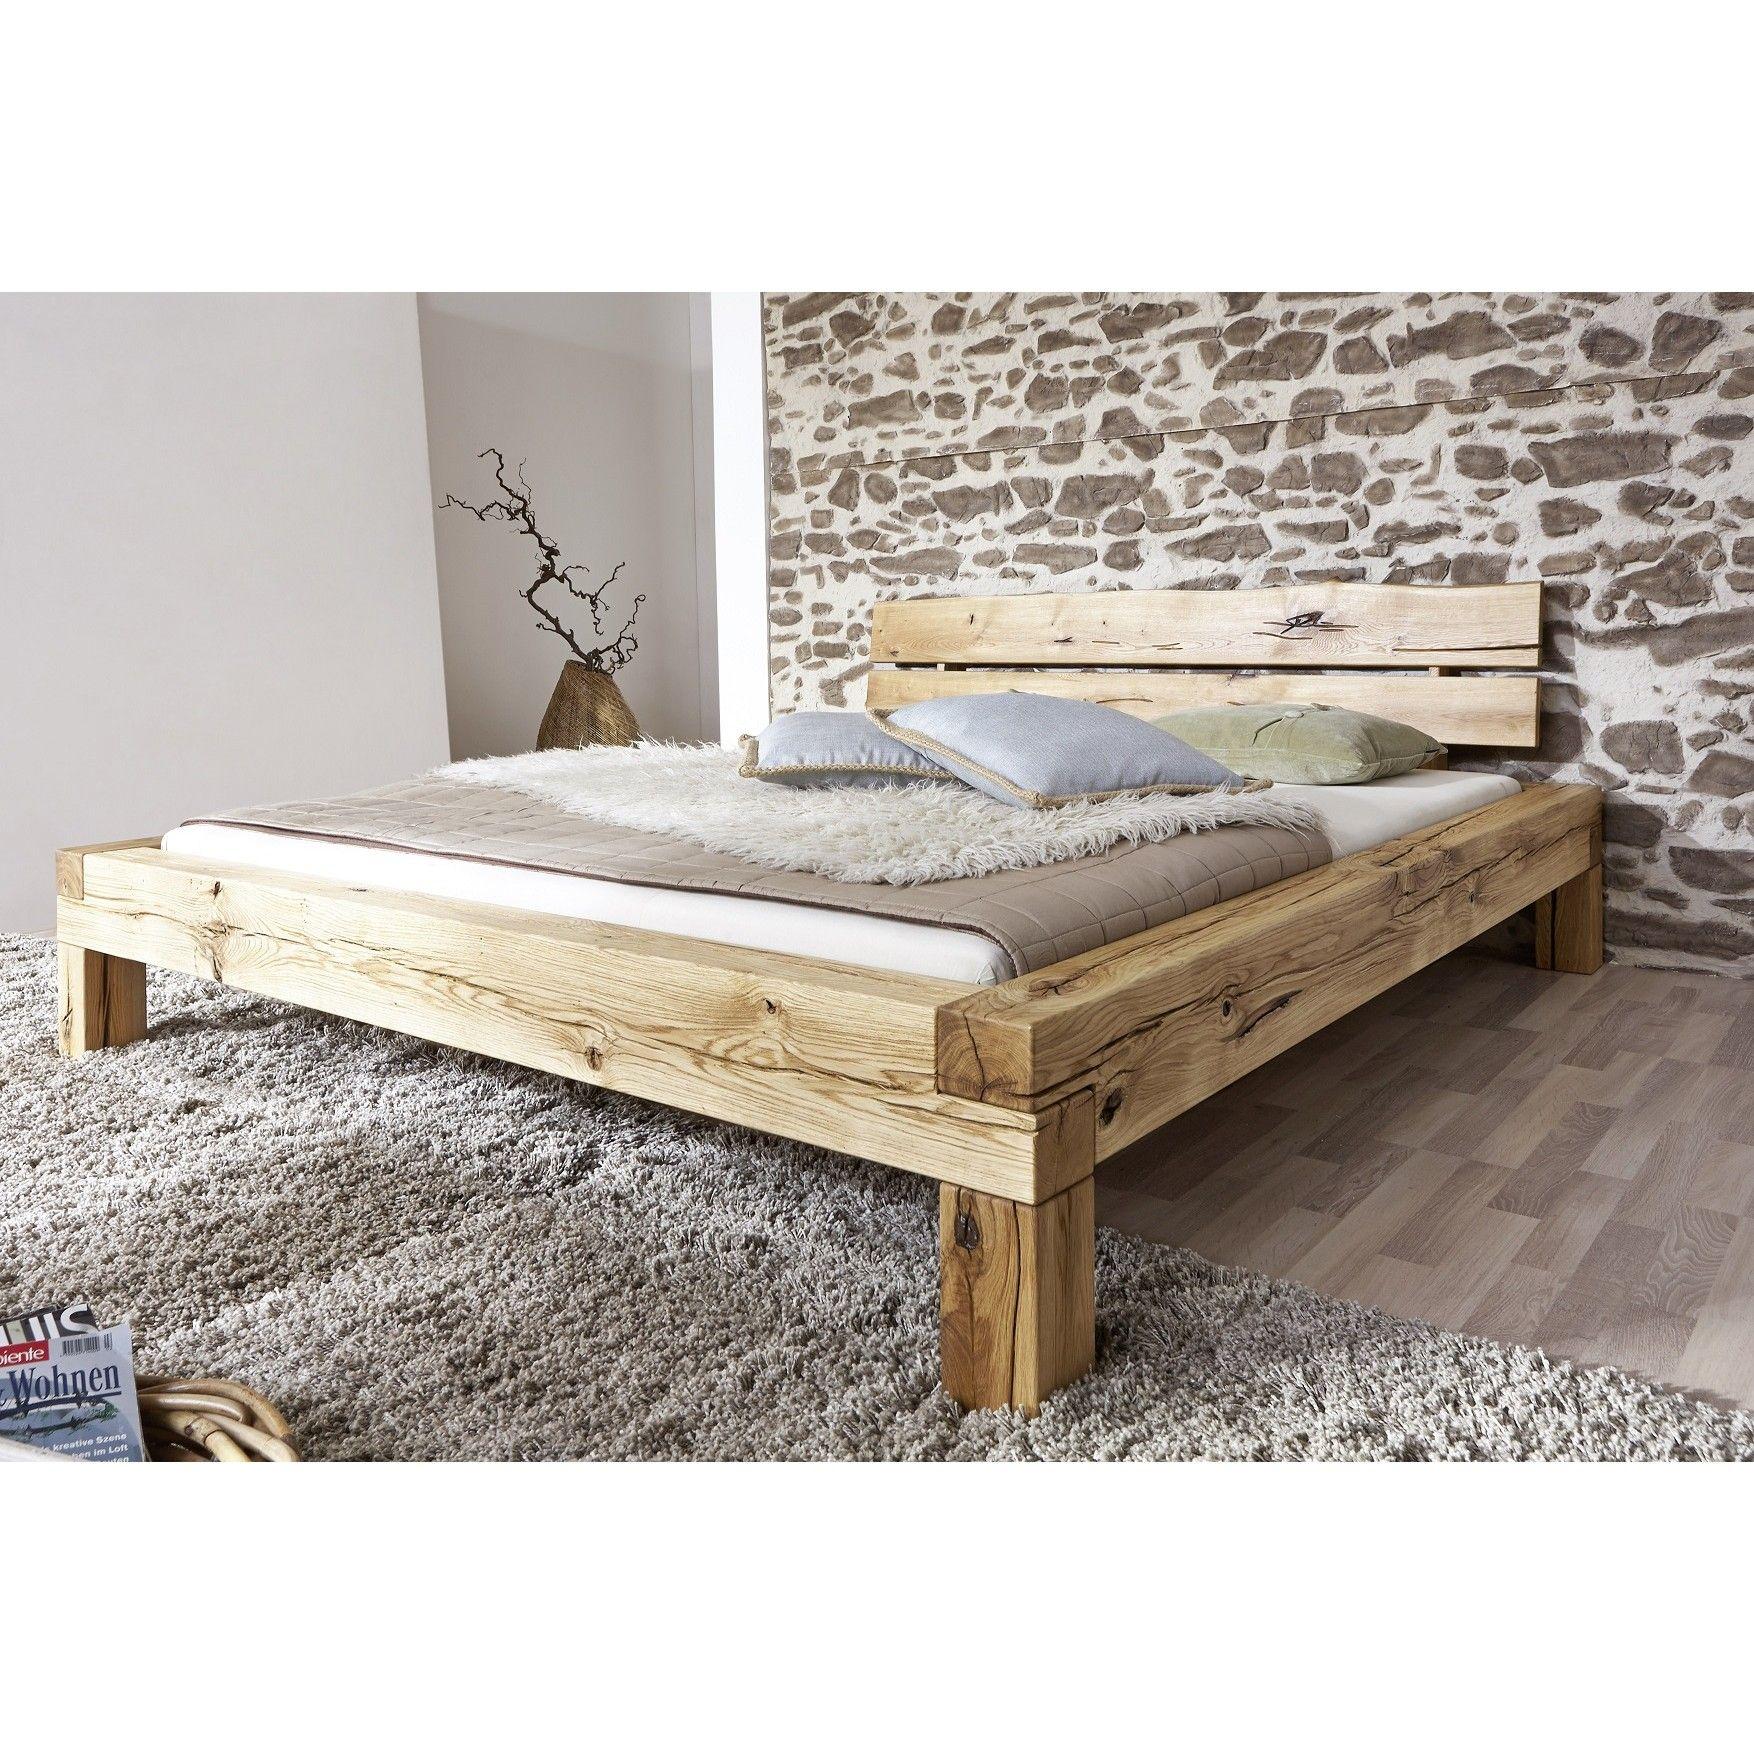 Doppelbett 180x200cm Wildeiche Geölt Manuel Bed Design Furniture Bed